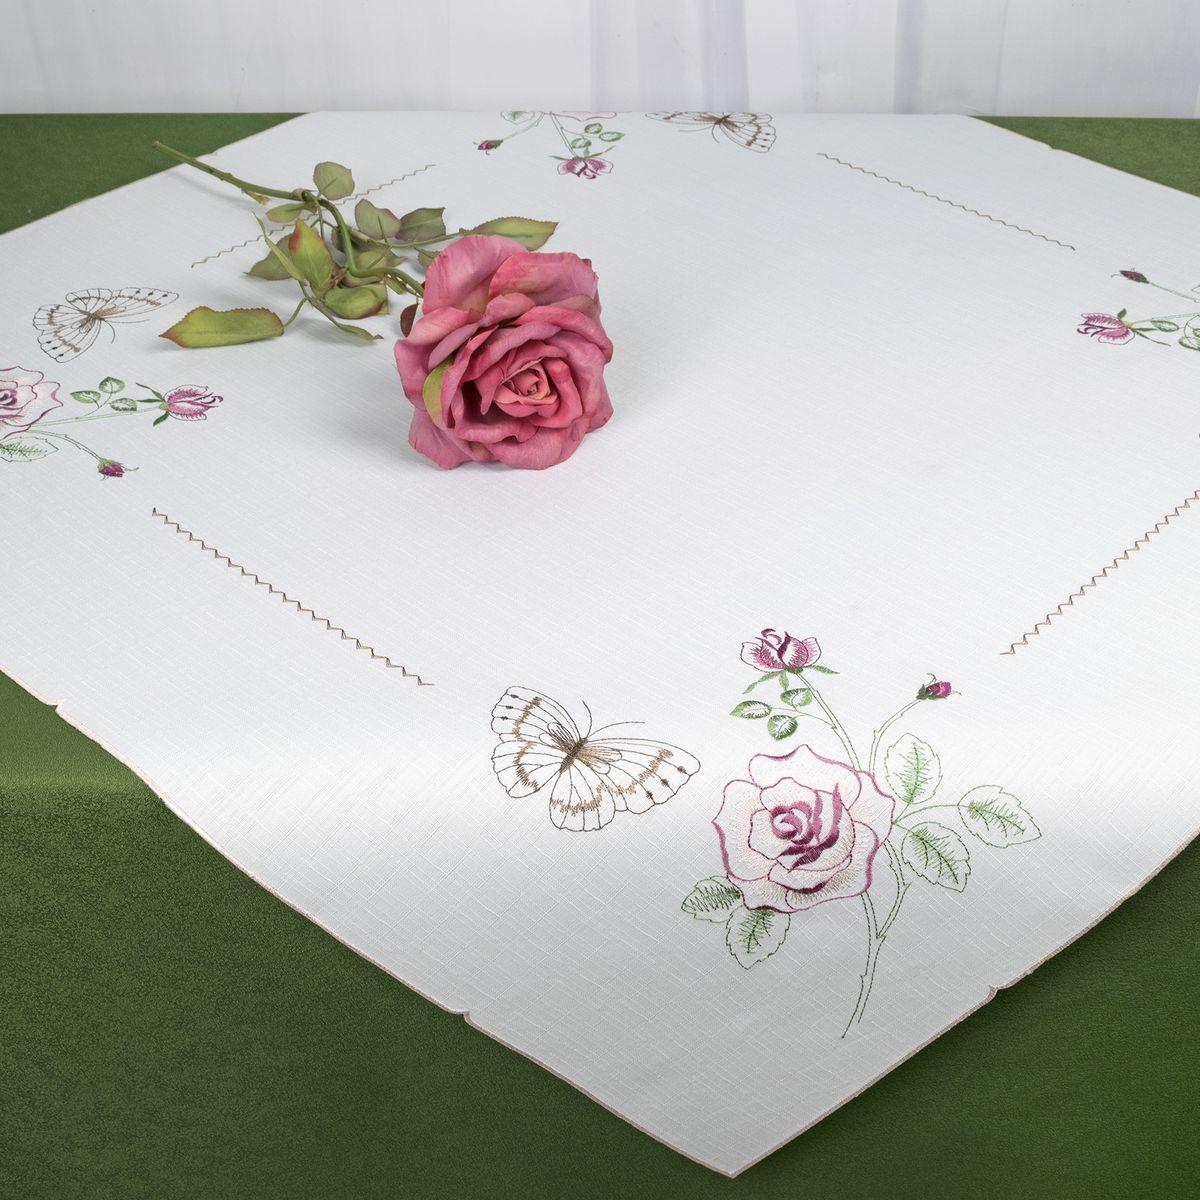 Скатерть Schaefer, квадратная, цвет: белый, 85 x 85 см. 07707-10007707-100Стильная скатерть Schaefer, выполненная из полиэстера, украшена вышивкой. Вышивка дает эффект объема за счет направления стежков при вышивании.Изделия из полиэстера легко стирать: они не мнутся, не садятся и быстро сохнут, они более долговечны, чем изделия из натуральных волокон.Немецкая компания Schaefer создана в 1921 году. На протяжении всего времени существования она создает уникальные коллекции домашнего текстиля для гостиных, спален, кухонь и ванных комнат. Дизайнерские идеи немецких художников компании Schaefer воплощаются в текстильных изделиях, которые сделают ваш дом красивее и уютнее и не останутся незамеченными вашими гостями. Дарите себе и близким красоту каждый день!